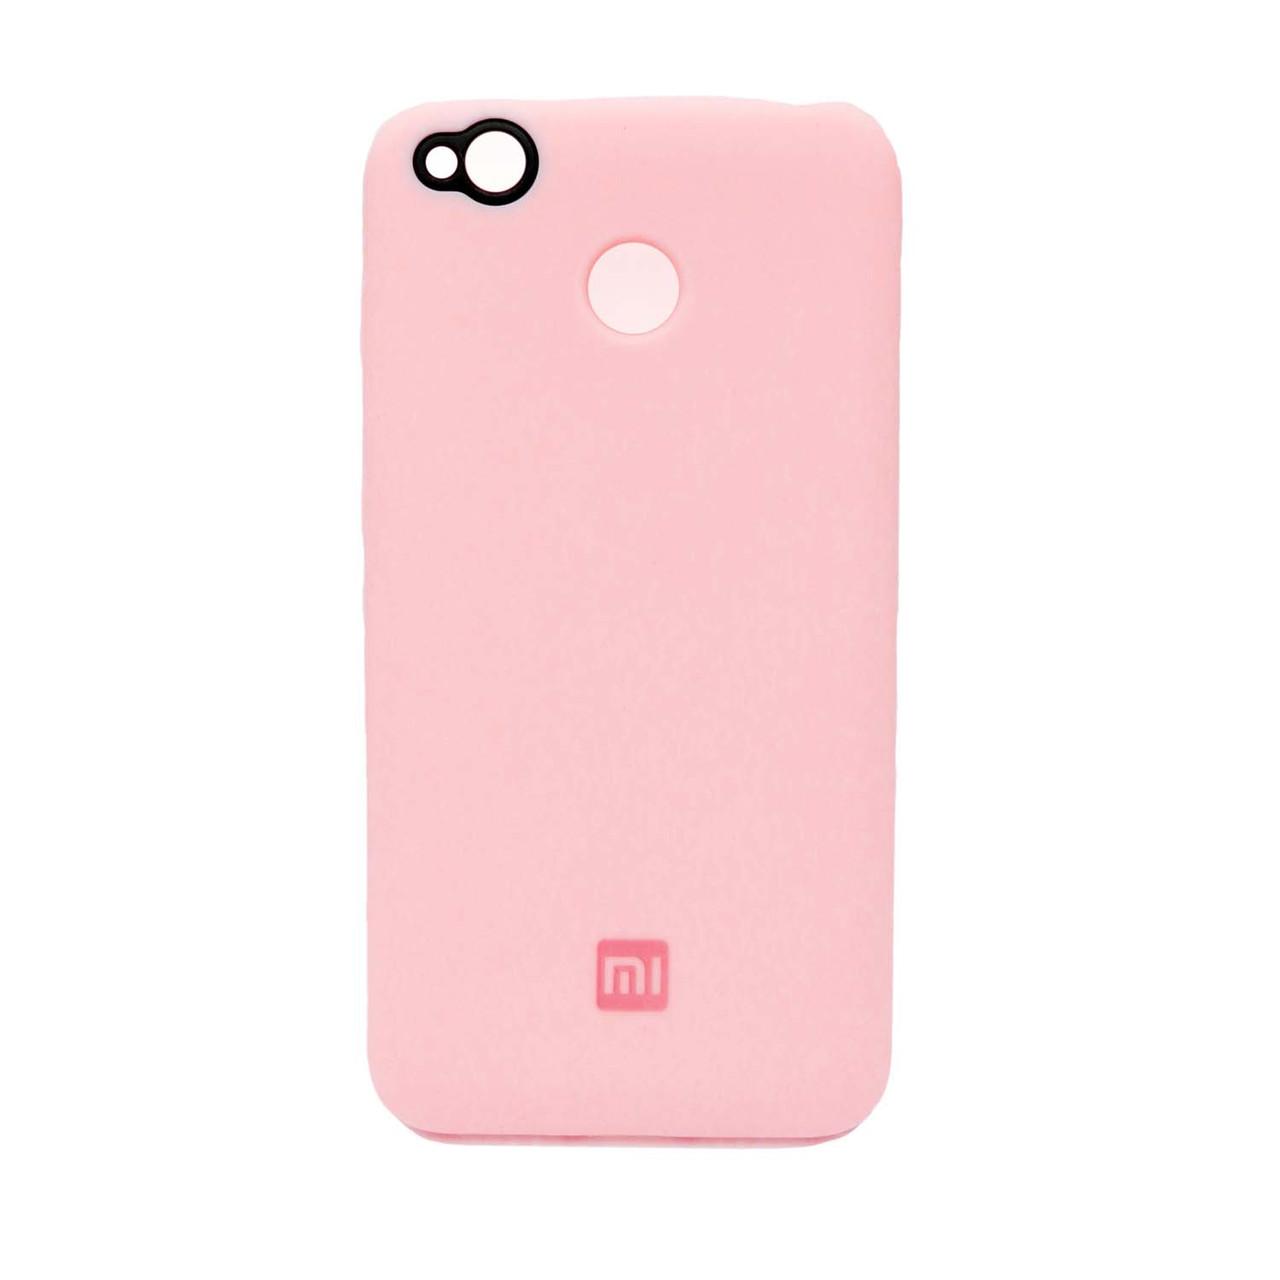 Чохол накладка для Xiaomi Redmi 4X силіконовий, ORIGINAL, рожевий